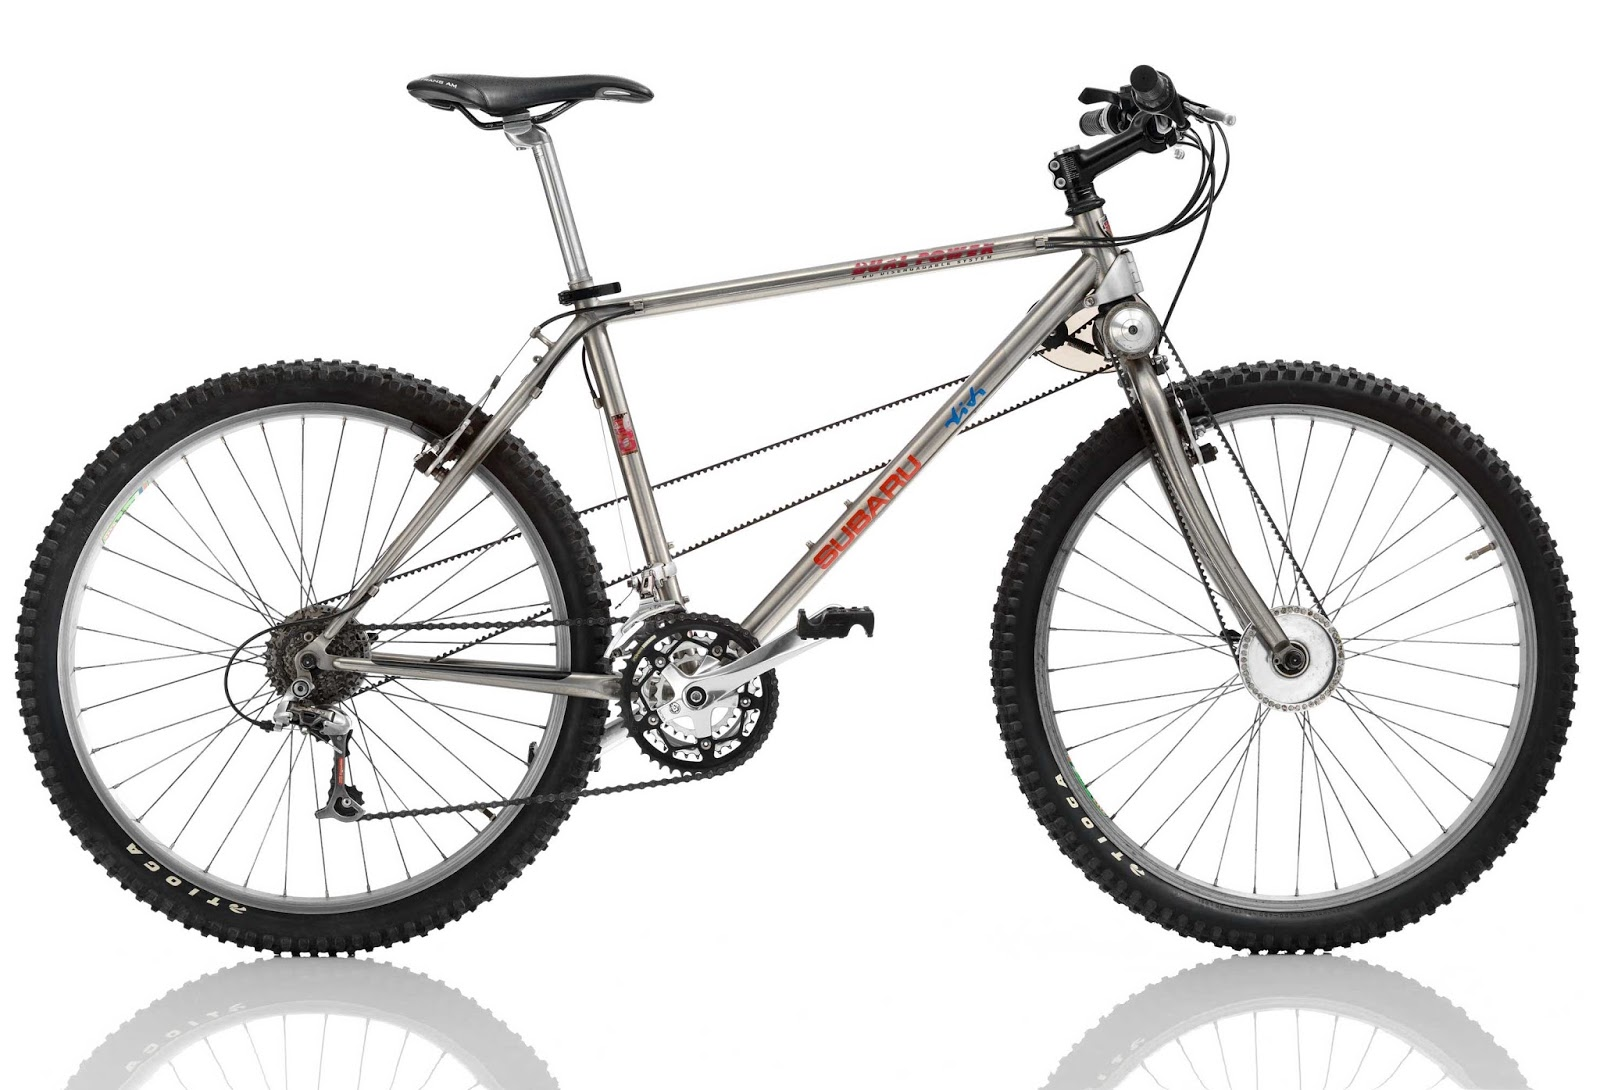 St-Pedali: Meine Fahrrad-Wunschliste: Wer verkauft diese Velos?